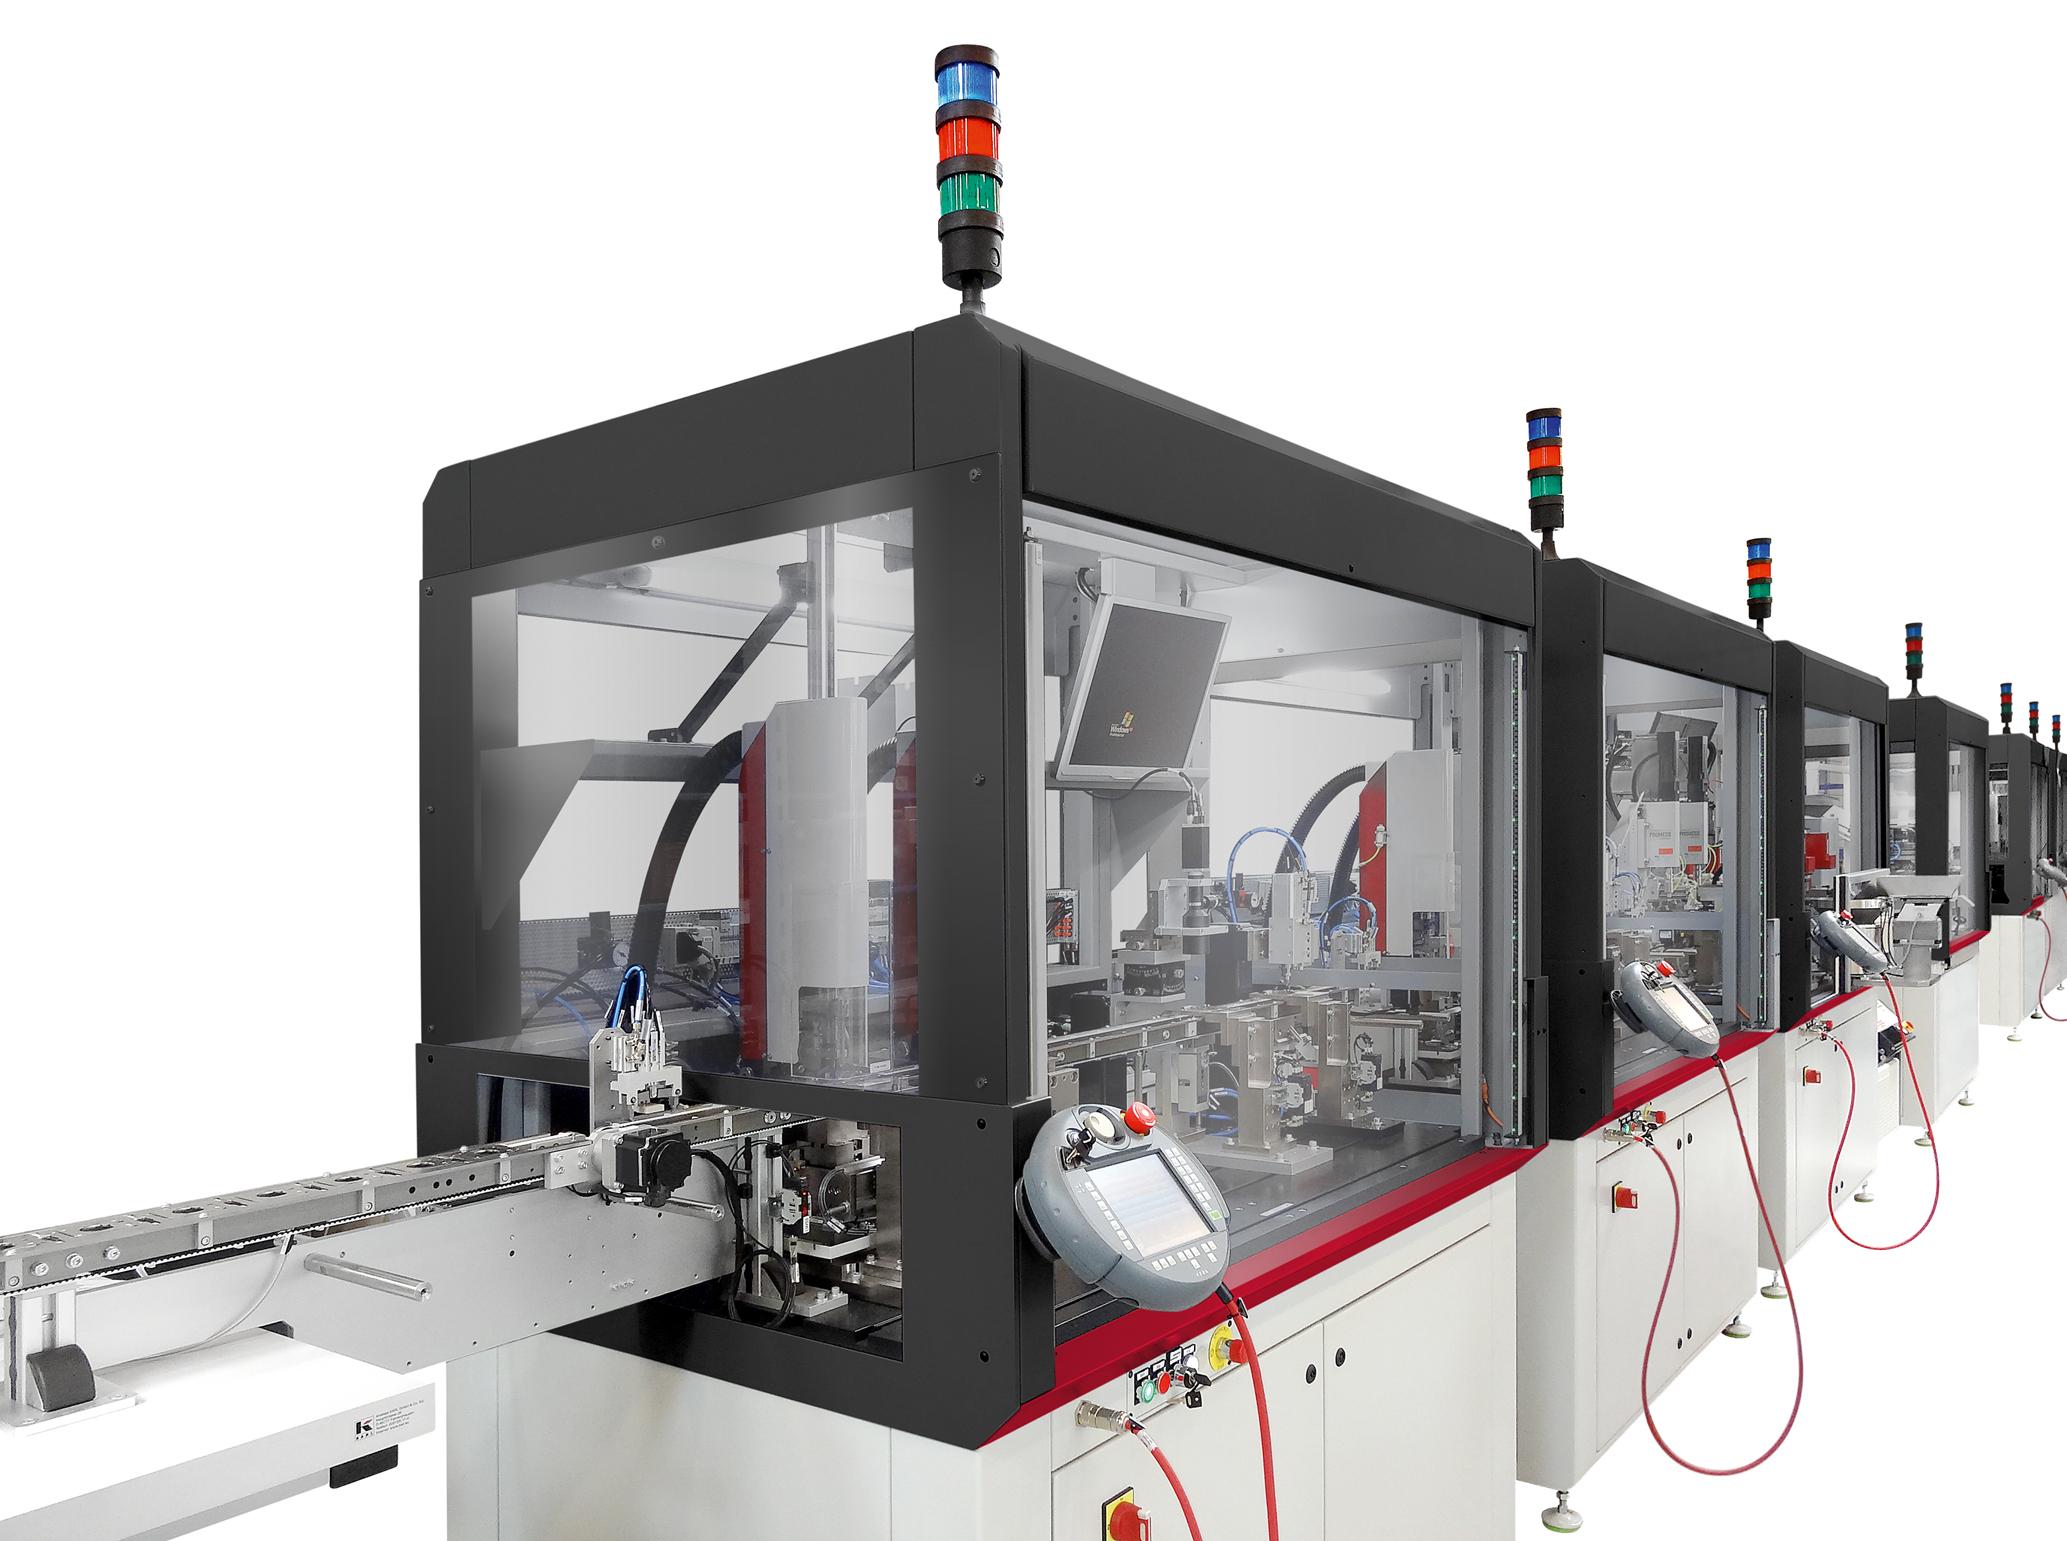 Sondermaschinen, hauptsächlich bestimmt für die automatisierte Montage von mikrotechnischen Produkten, welche hohe Anspr